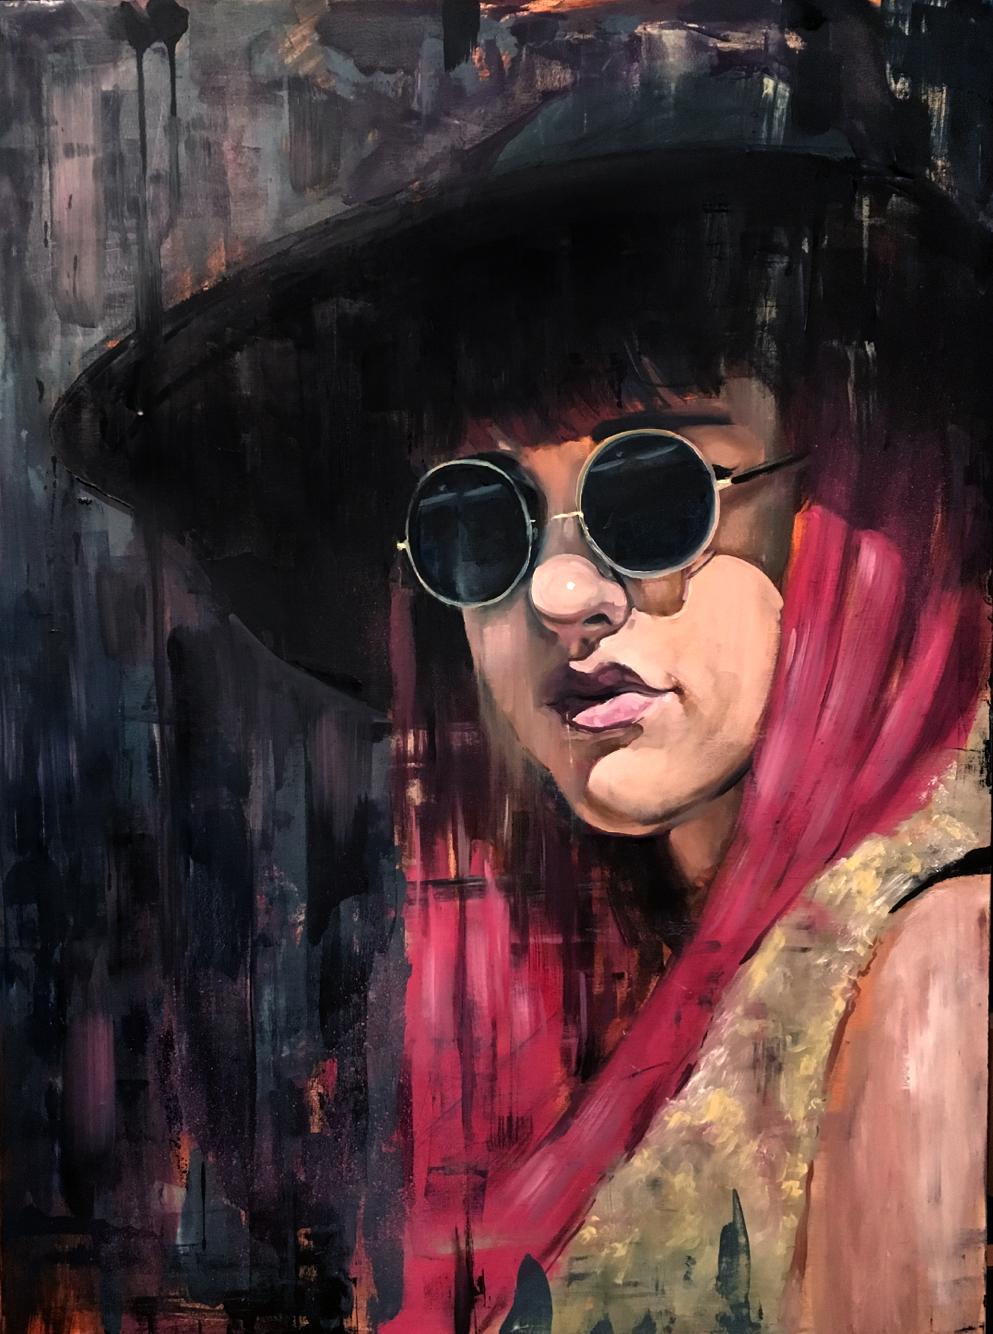 Stefan Smit  'Street Spirit'  Oil on canvas  122 x 91.5 cm